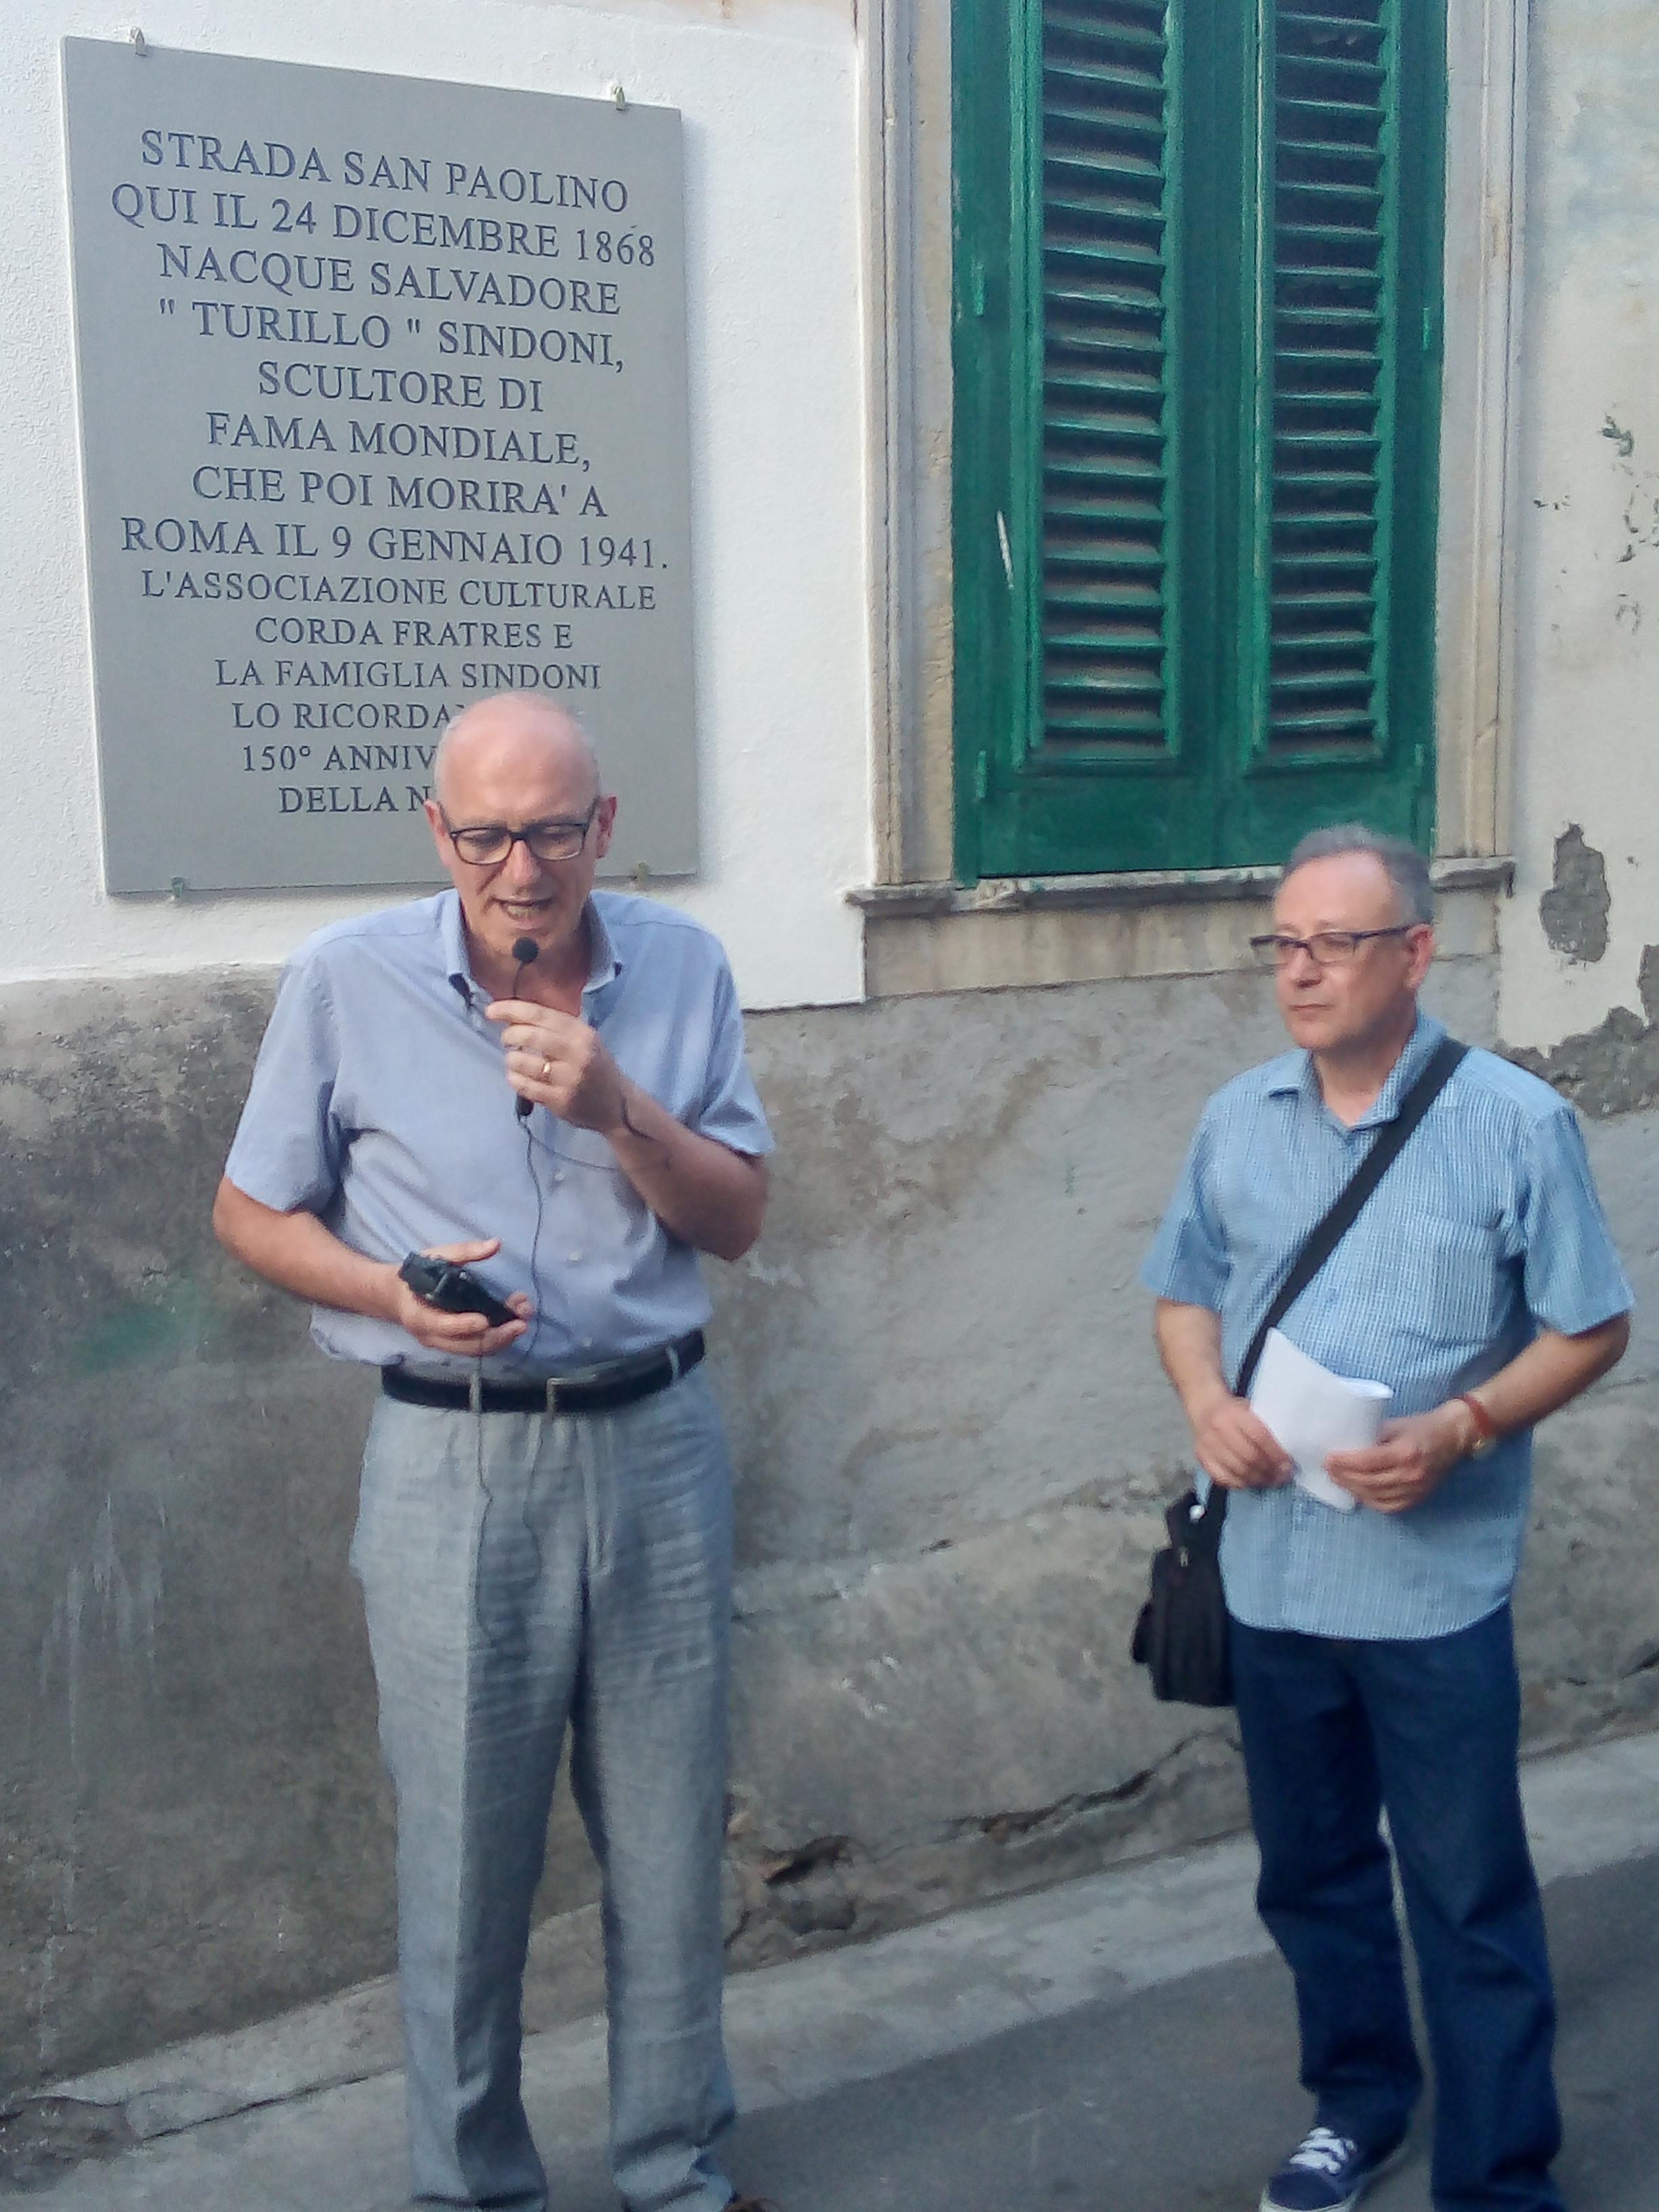 Barcellona PG. La Corda Fratres ricorda lo scultore Turillo Sindoni. Lapide e passeggiata itinerante